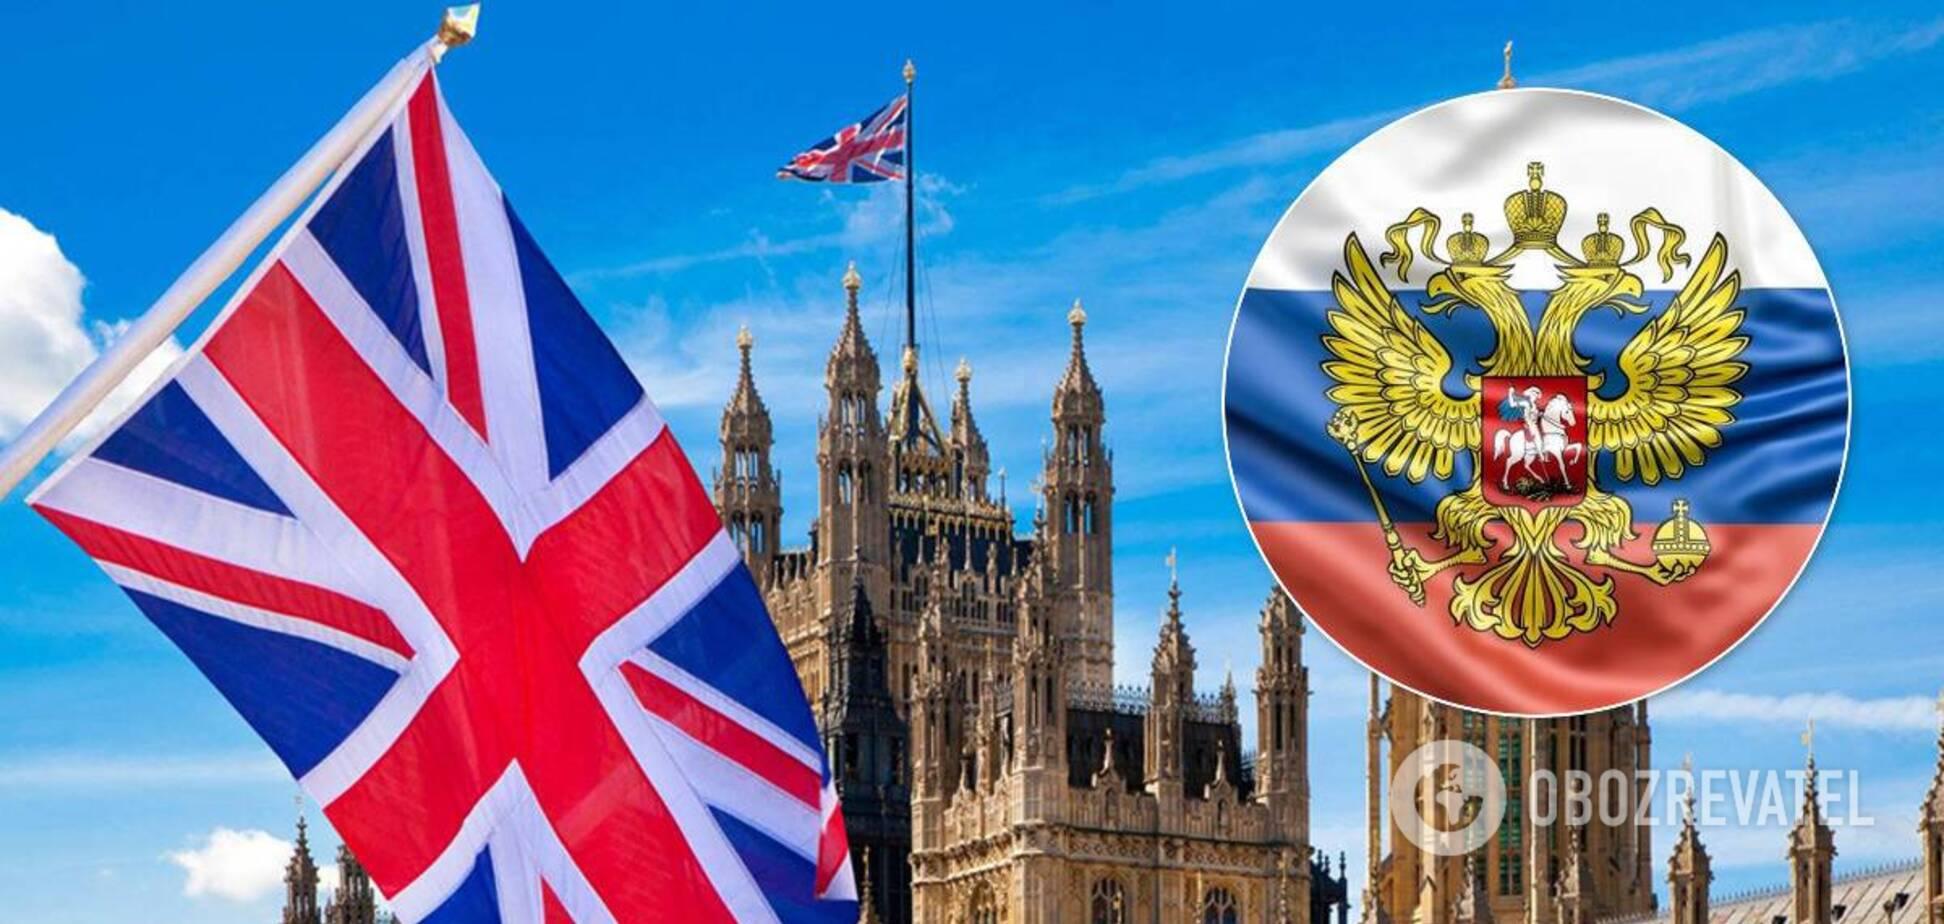 Британия признала вмешательство России в выборы: зарегистрировано уголовное производство